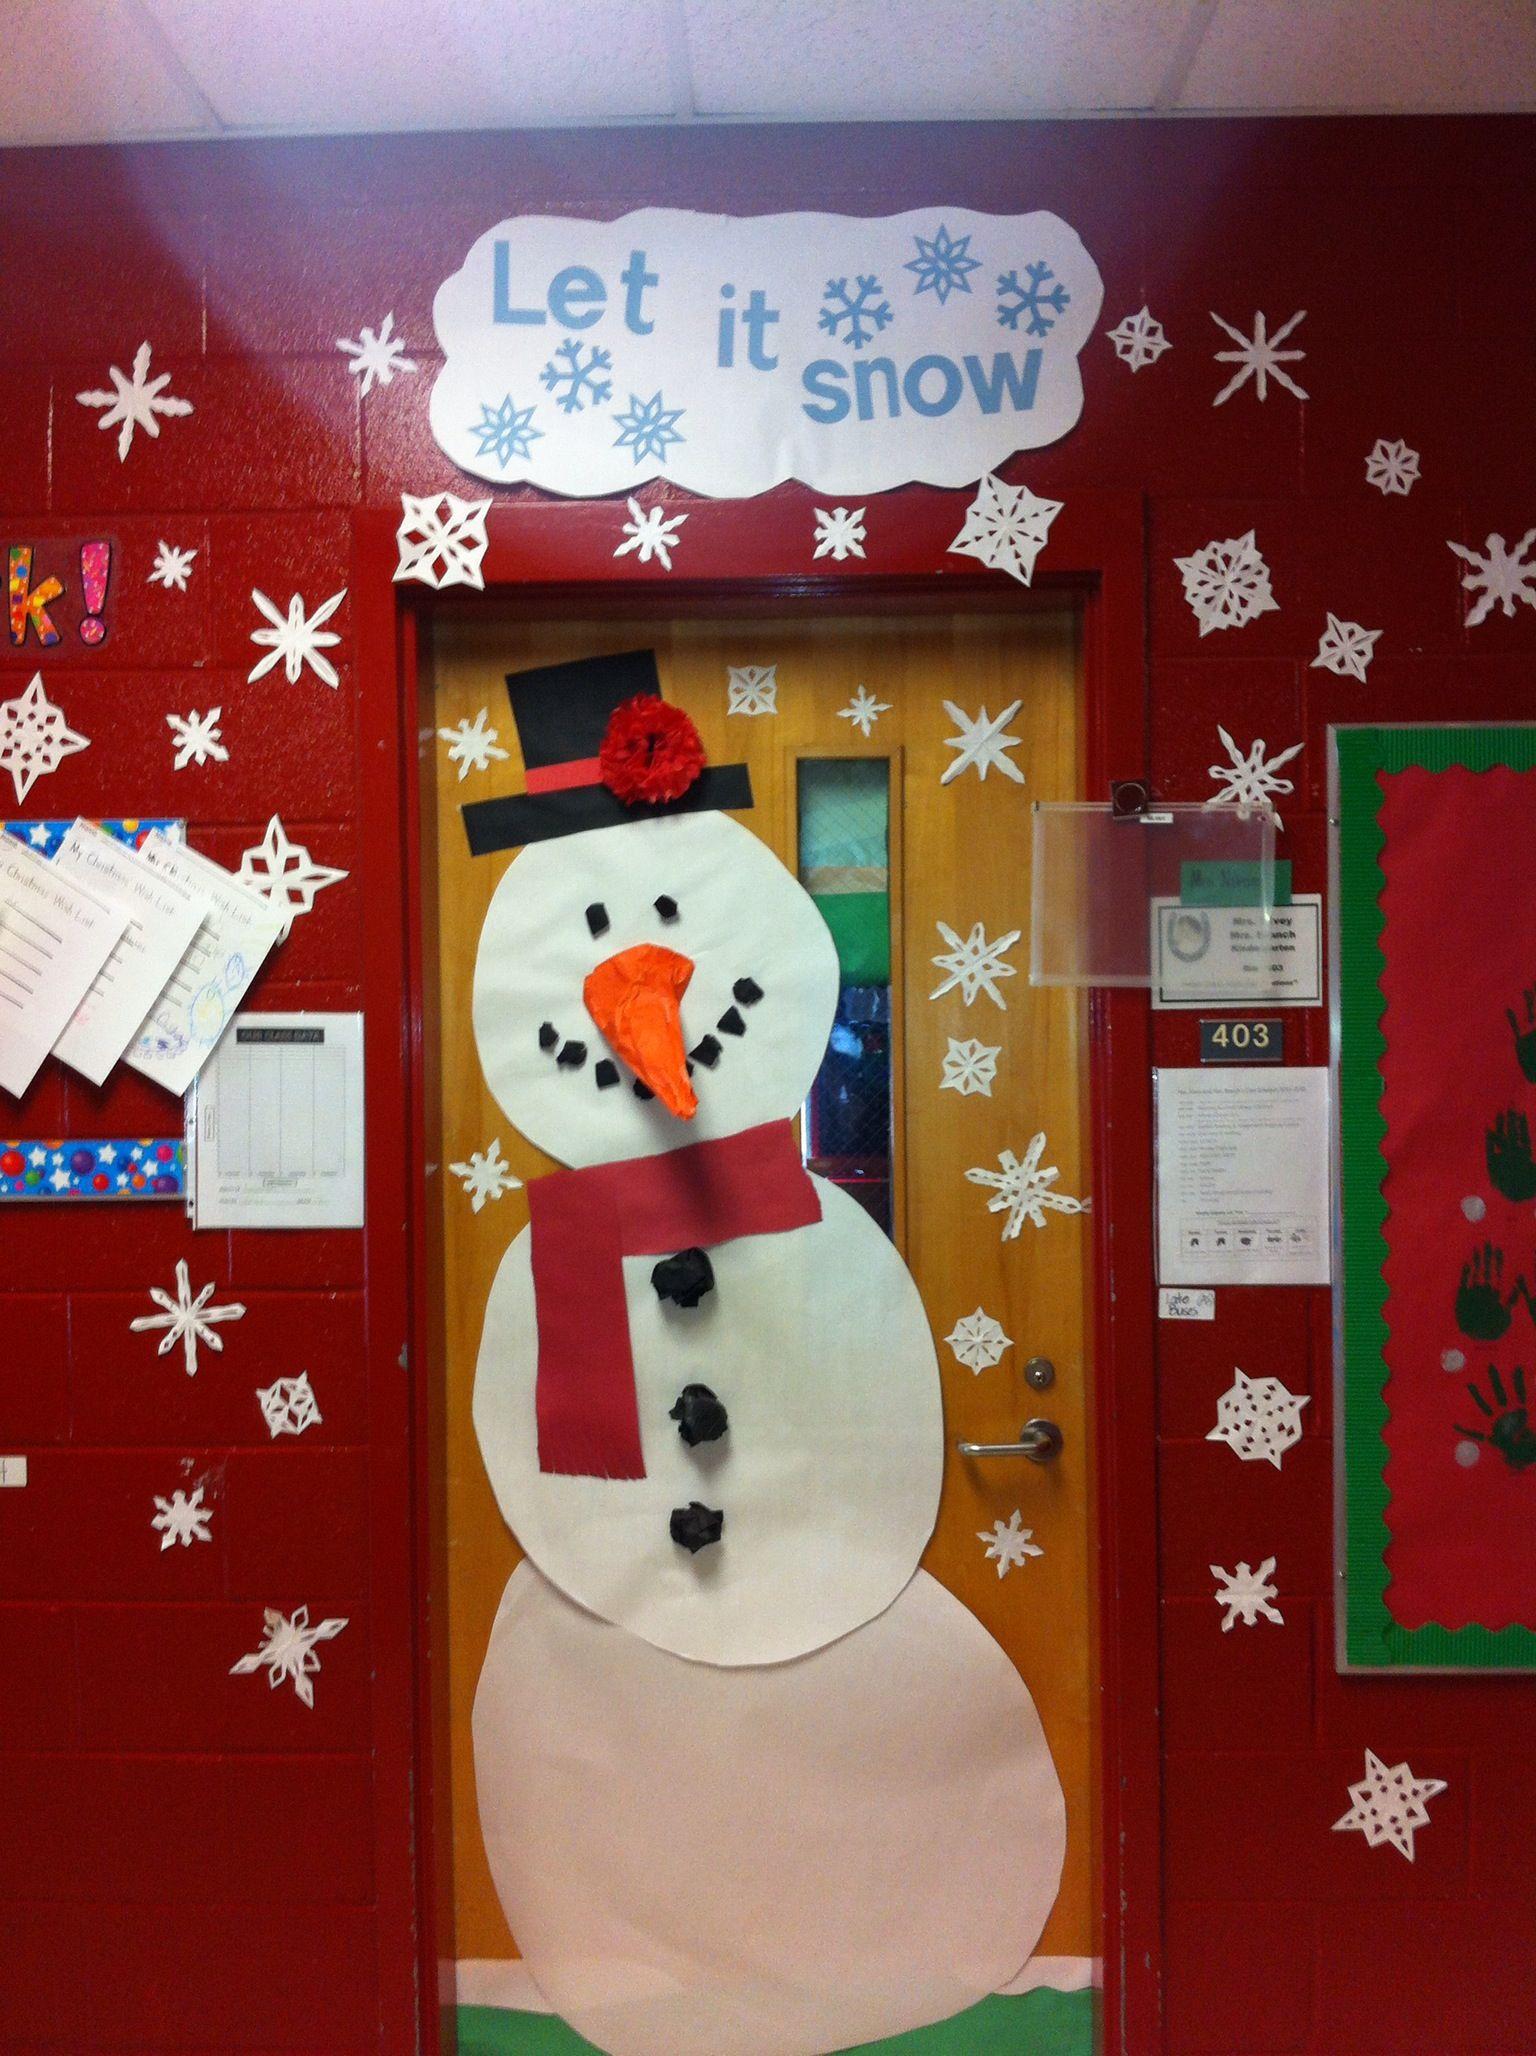 My kindergarten classroom door School Pinterest